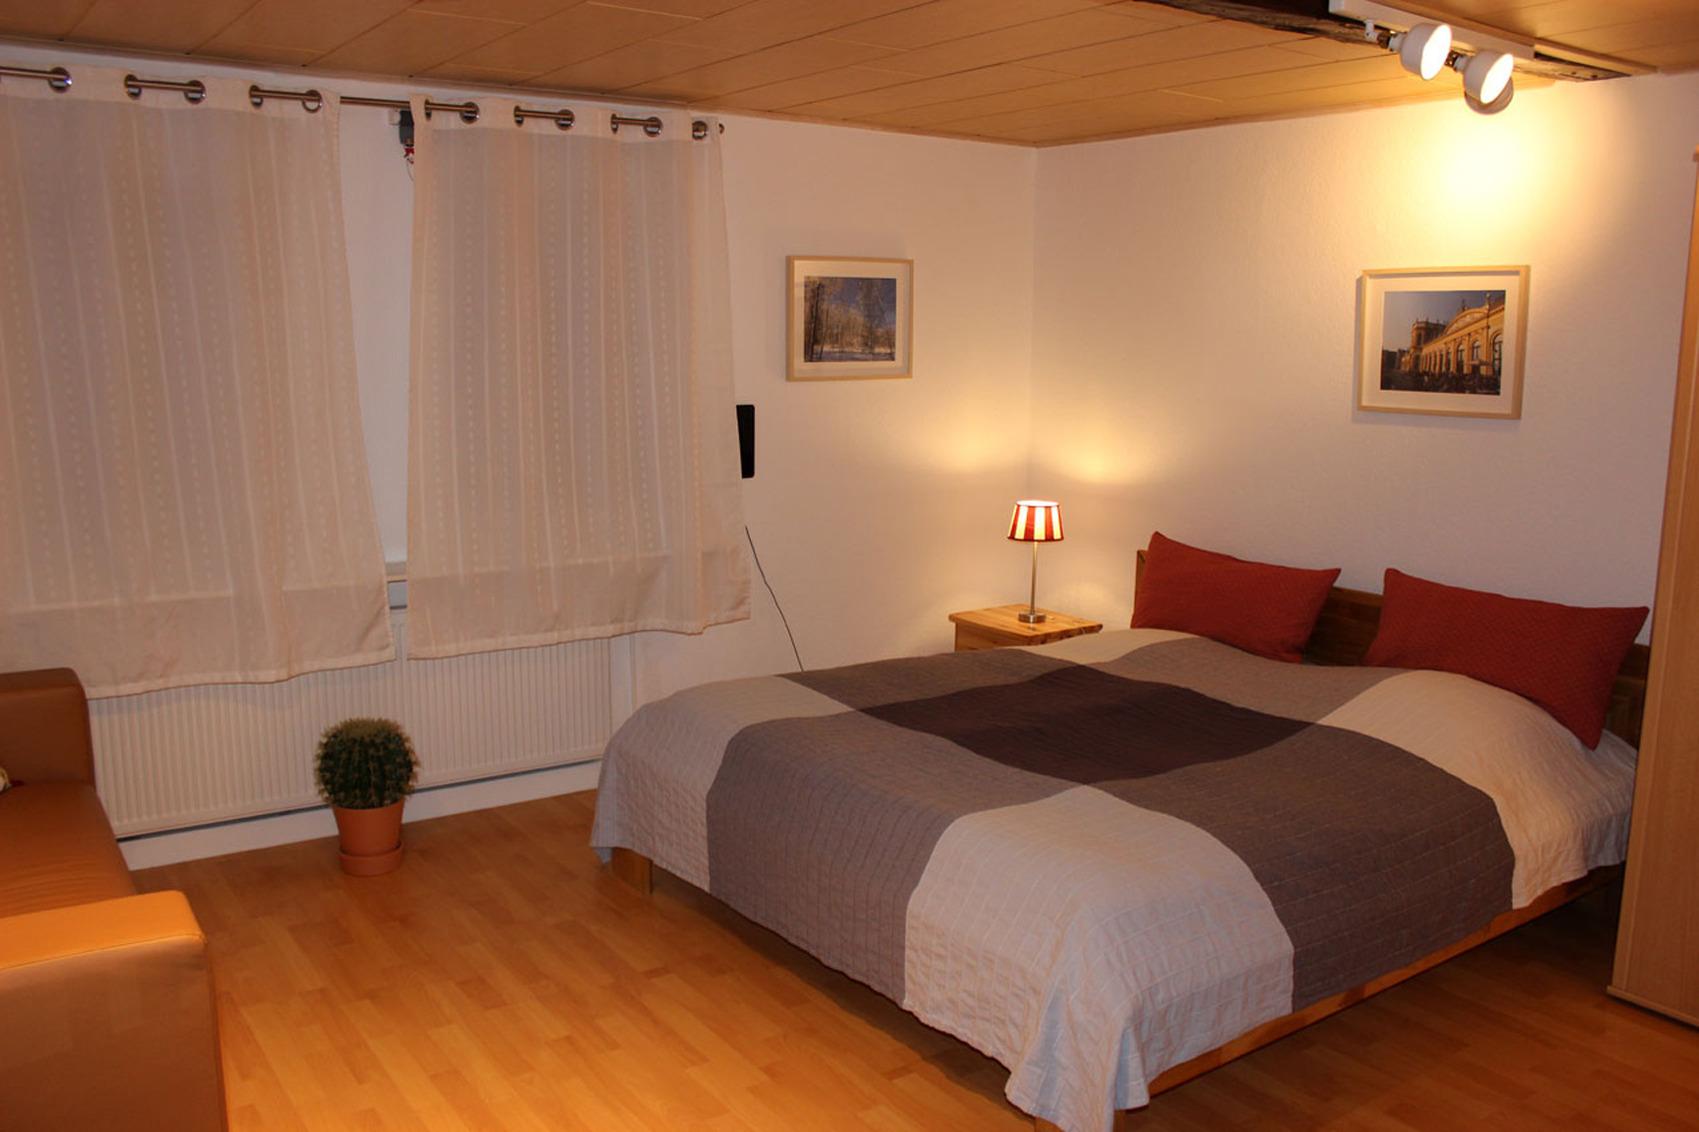 Ferienwohnung Apartment am Hirtenweg (003) (2551858), Kassel, Nordhessen, Hessen, Deutschland, Bild 5